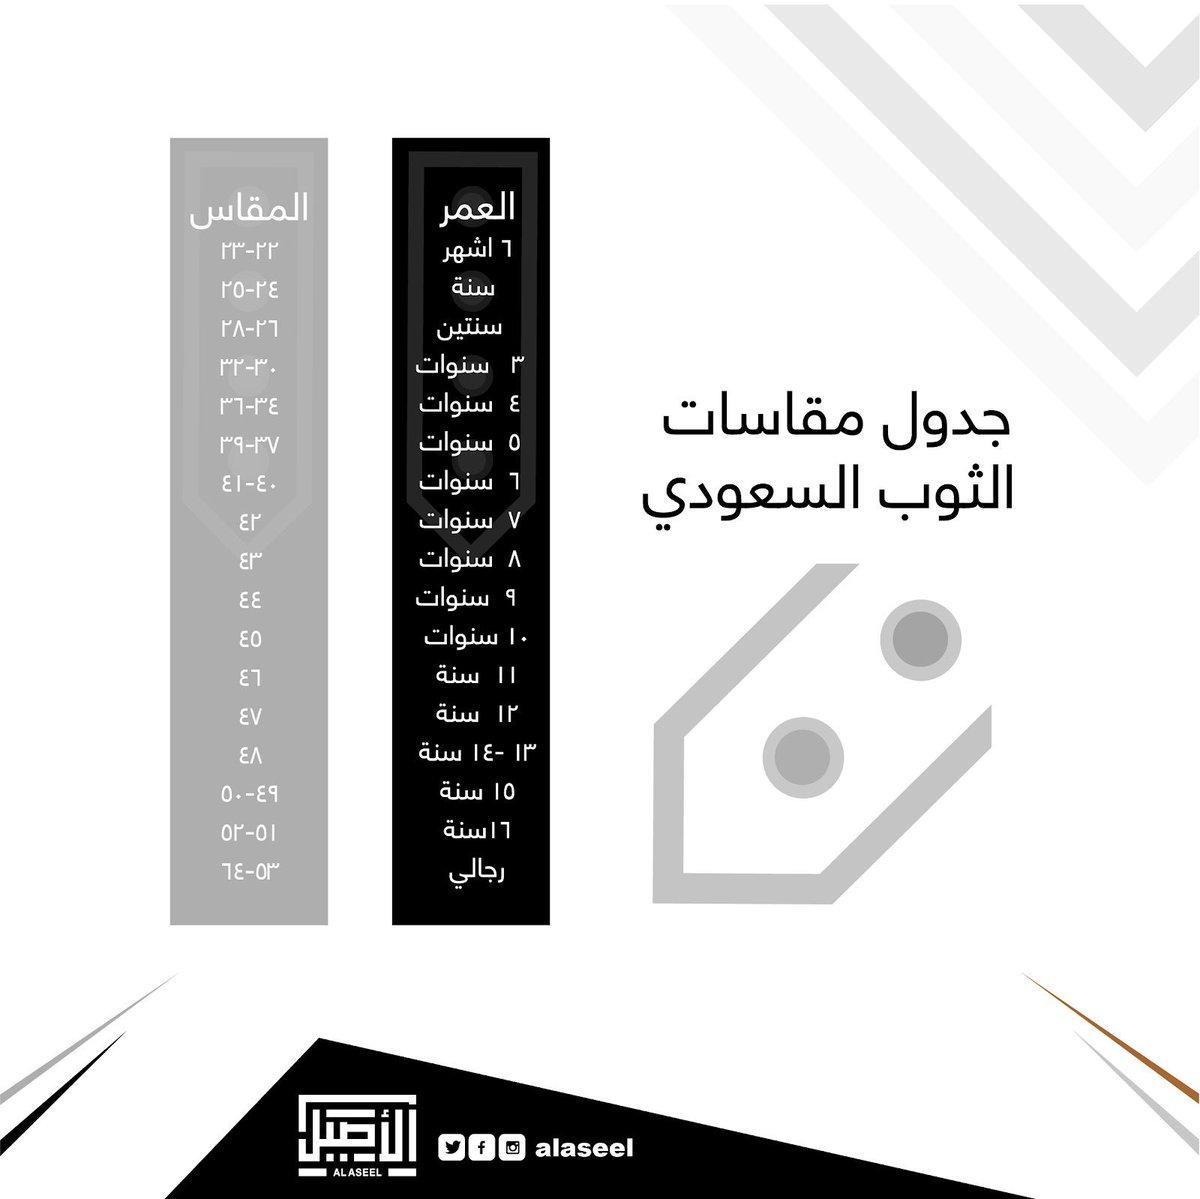 ثوب الأصيل En Twitter جدول مقاسات الثوب السعودي الأصيل